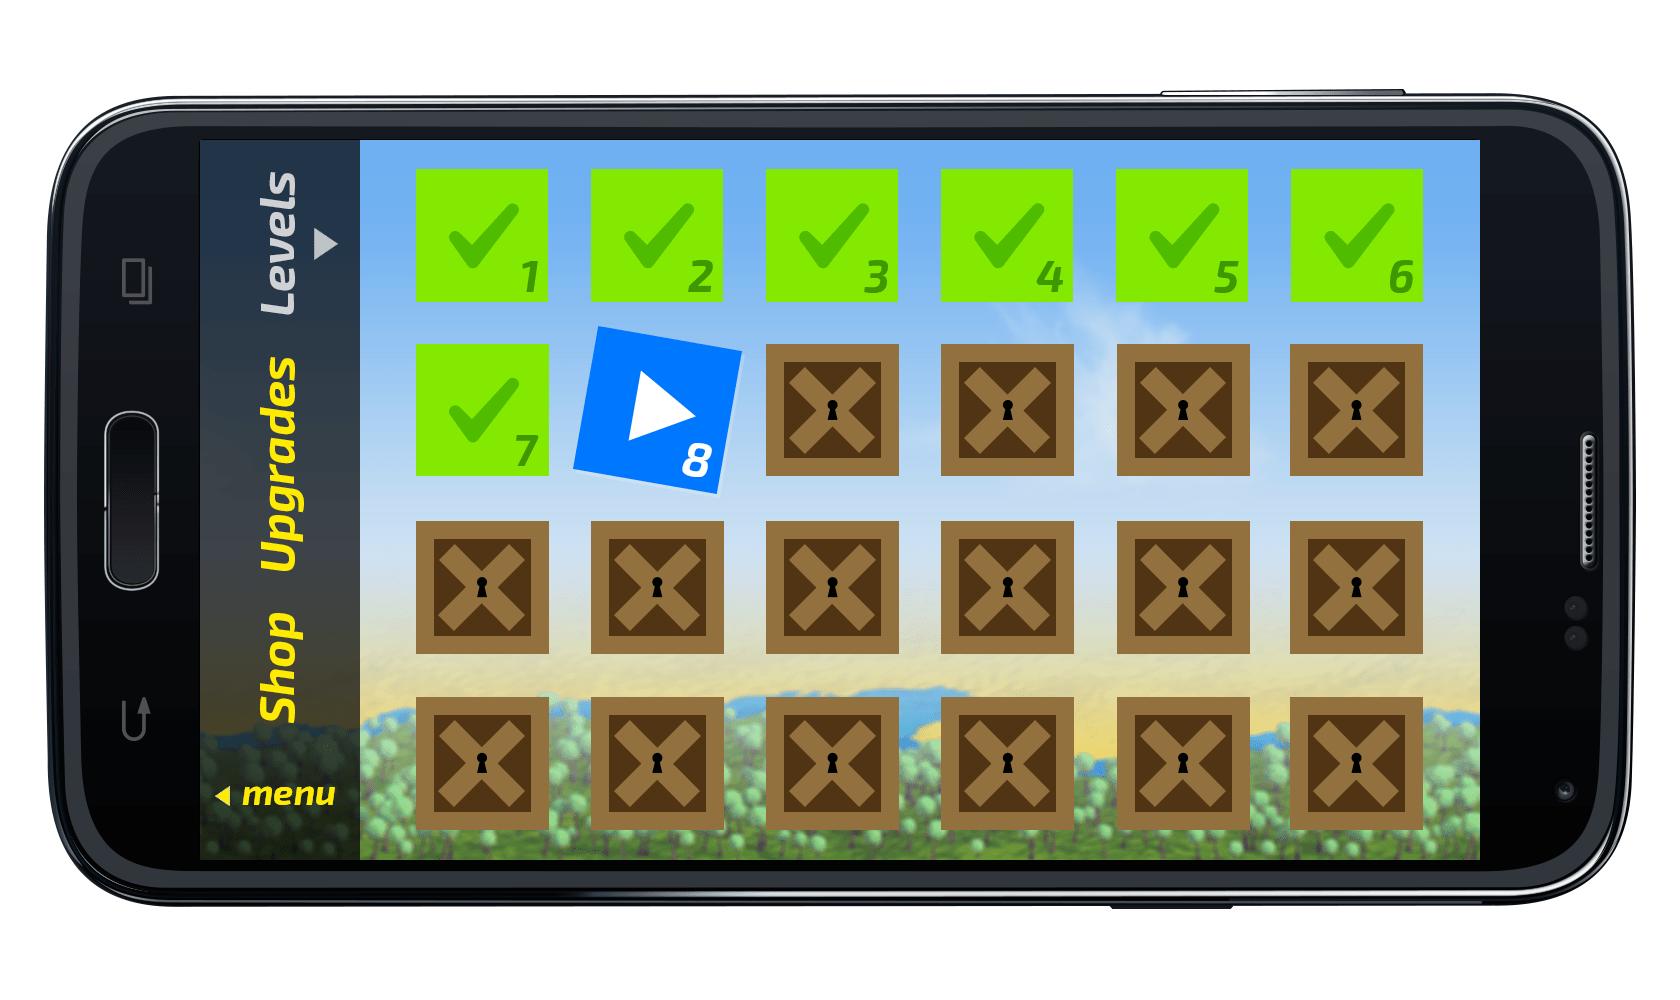 Графика и музыка игры Escbox Сайт Артура Нецветаева — сайты, приложения, прототипы и оформление интерфейсов 09